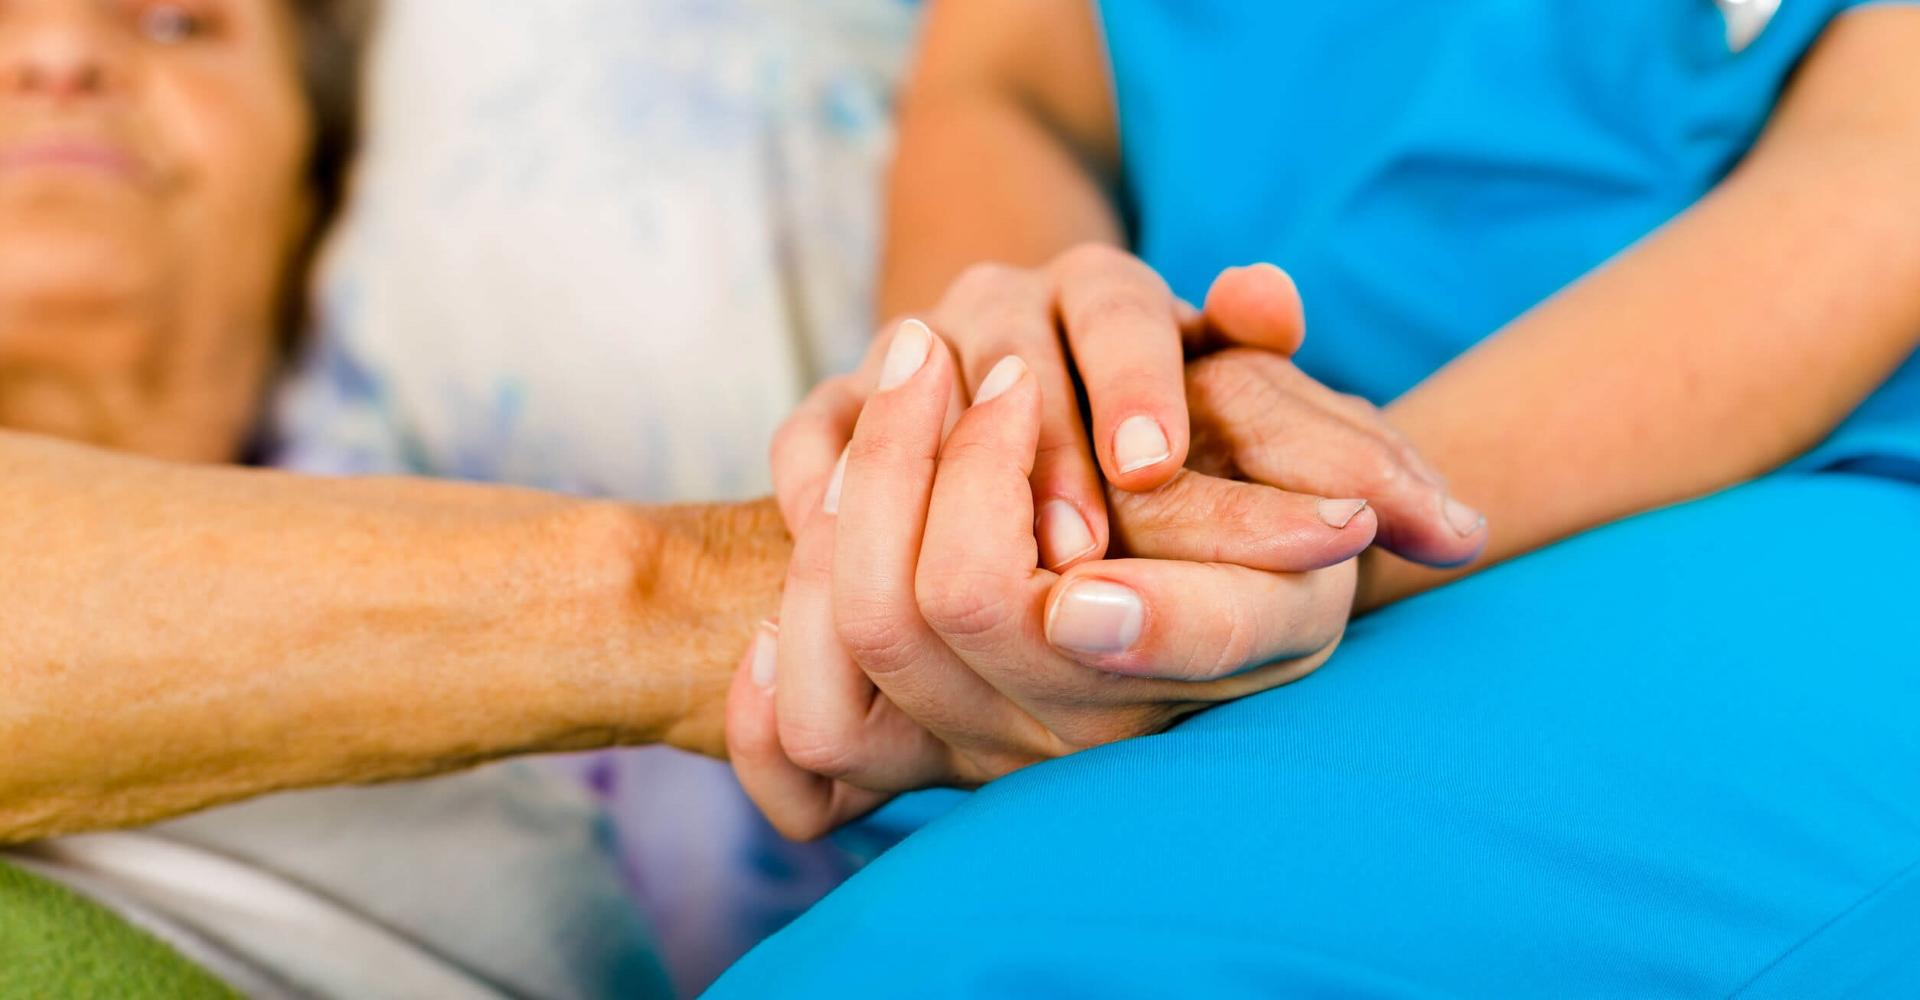 Минздрав планирует создать круглосуточную службу контроля для пациентов из групп риска